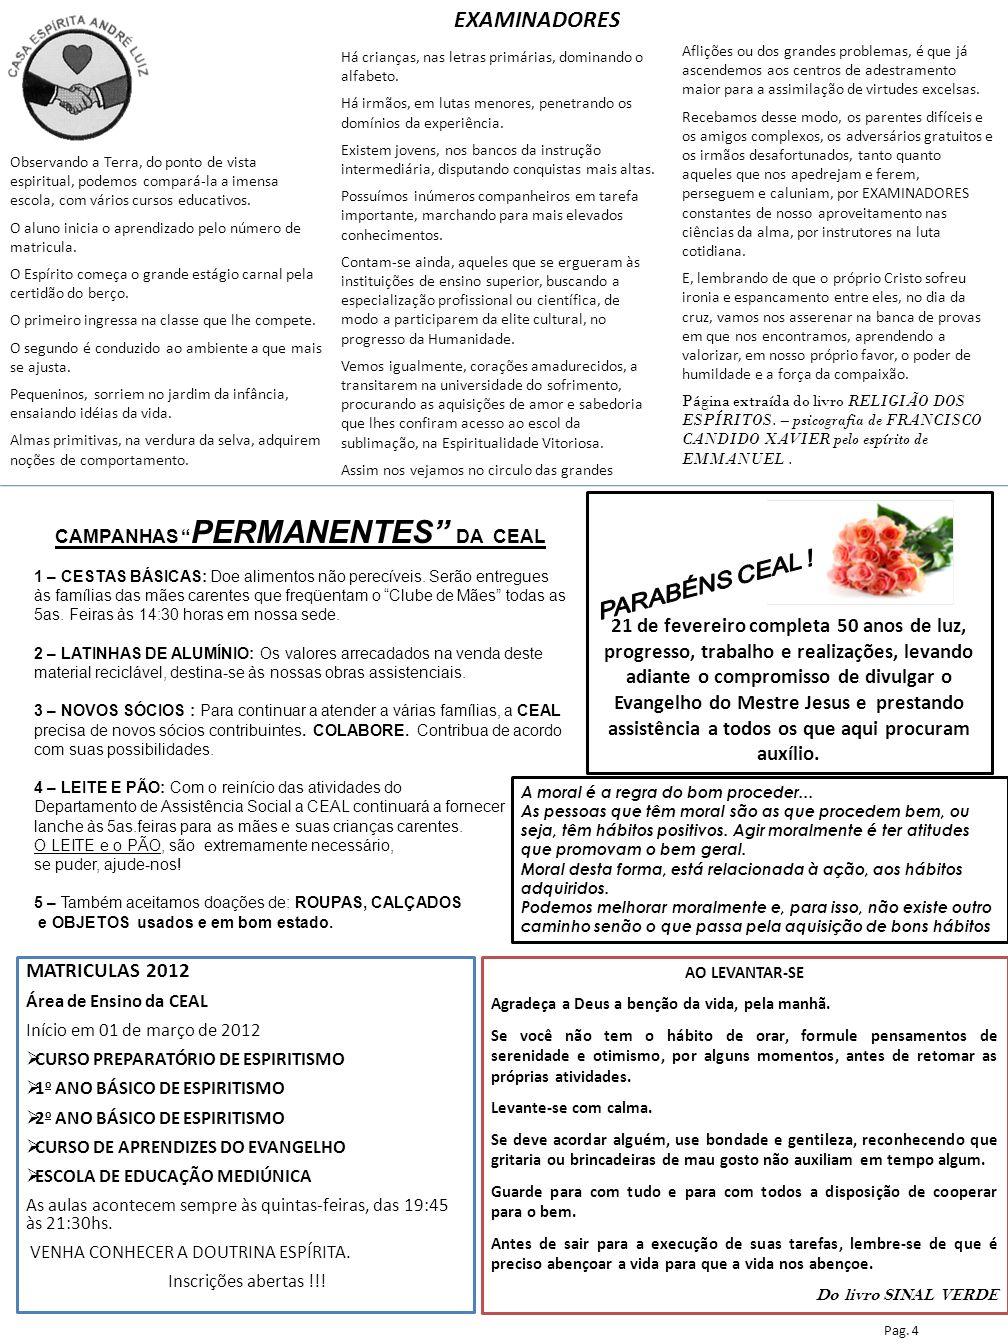 CAMPANHAS PERMANENTES DA CEAL